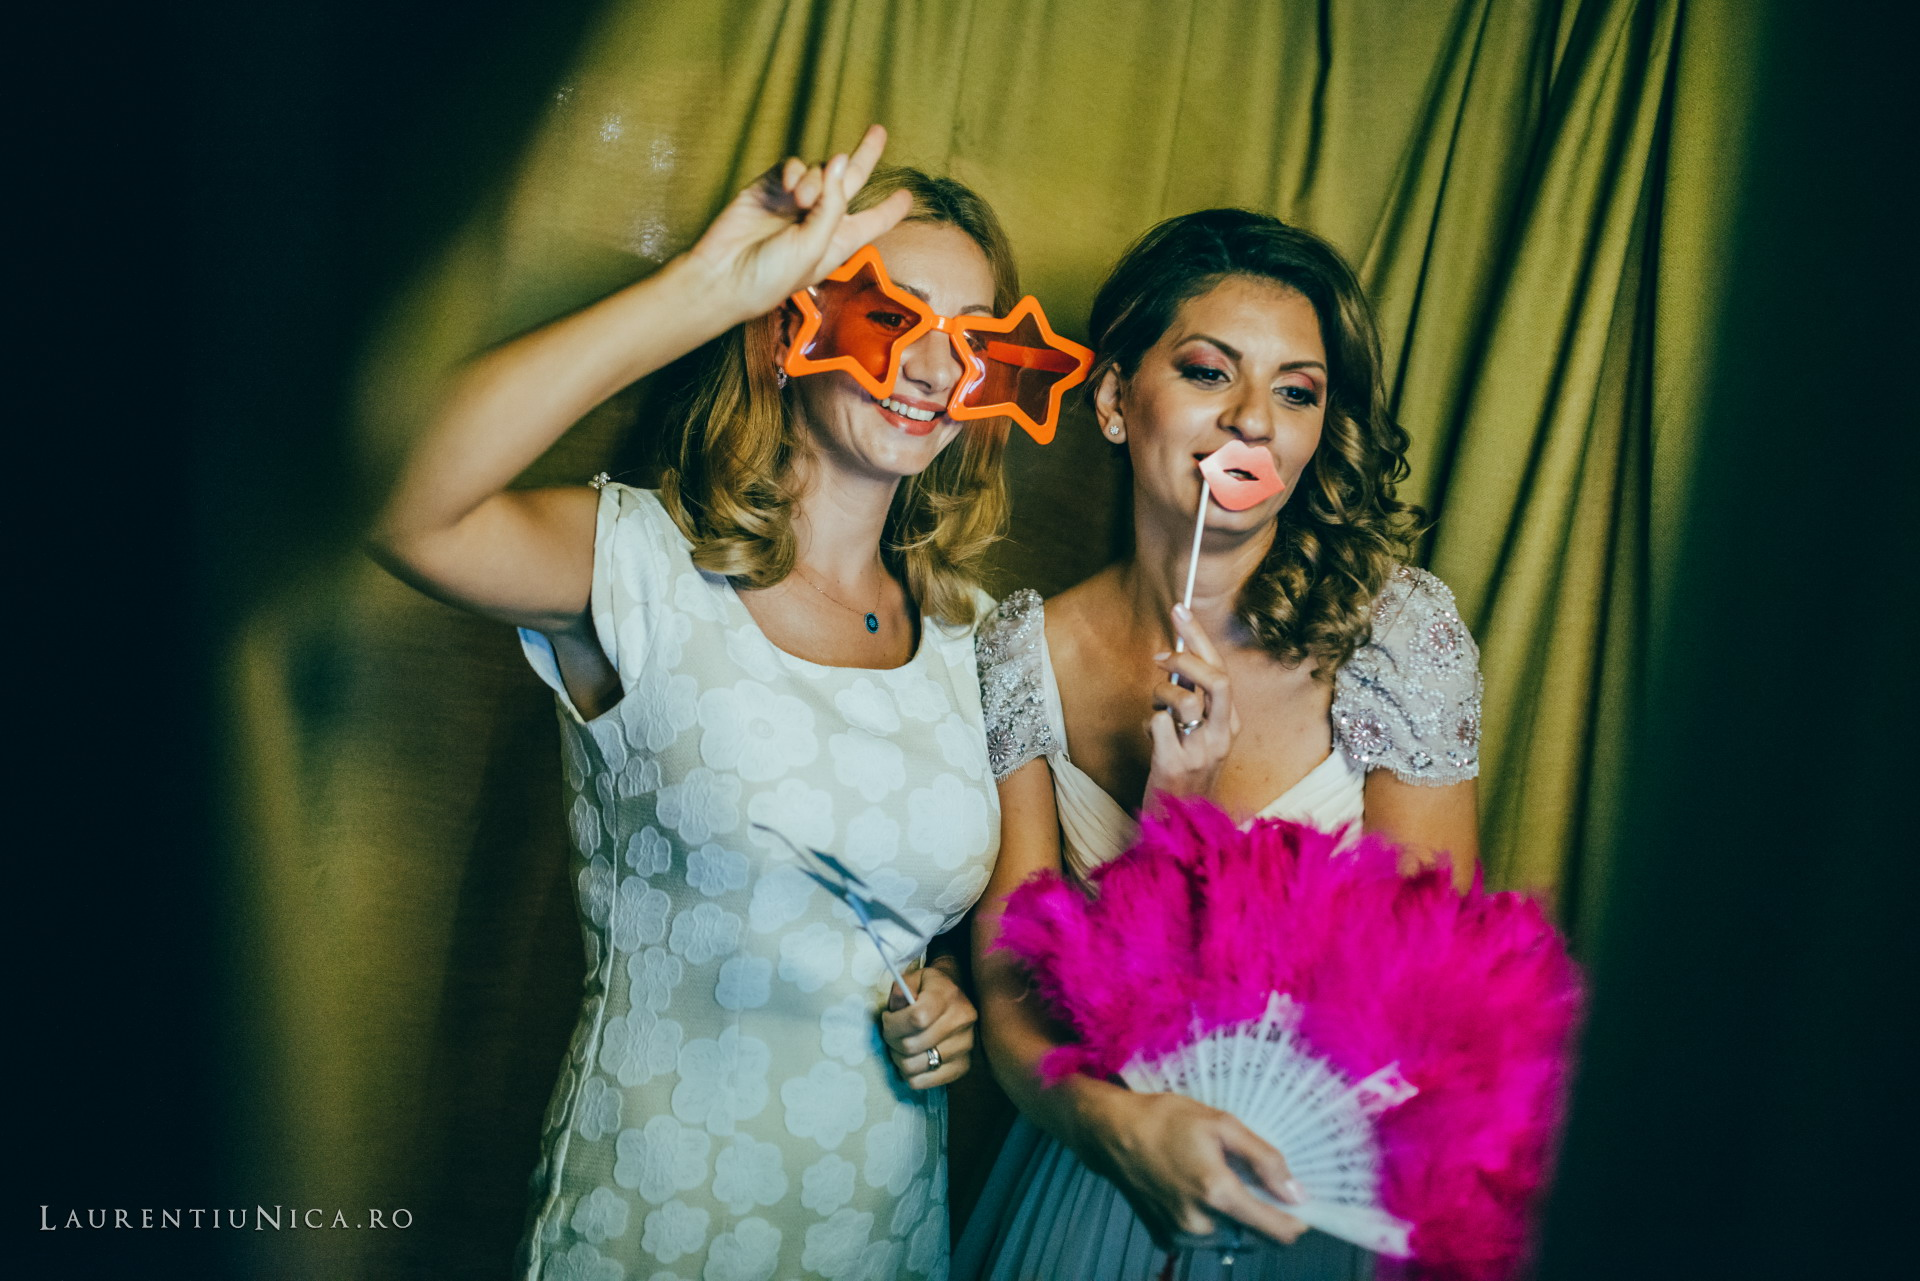 carolina si sorin craiova fotograf nunta laurentiu nica56 - Carolina & Sorin | Fotografii nunta